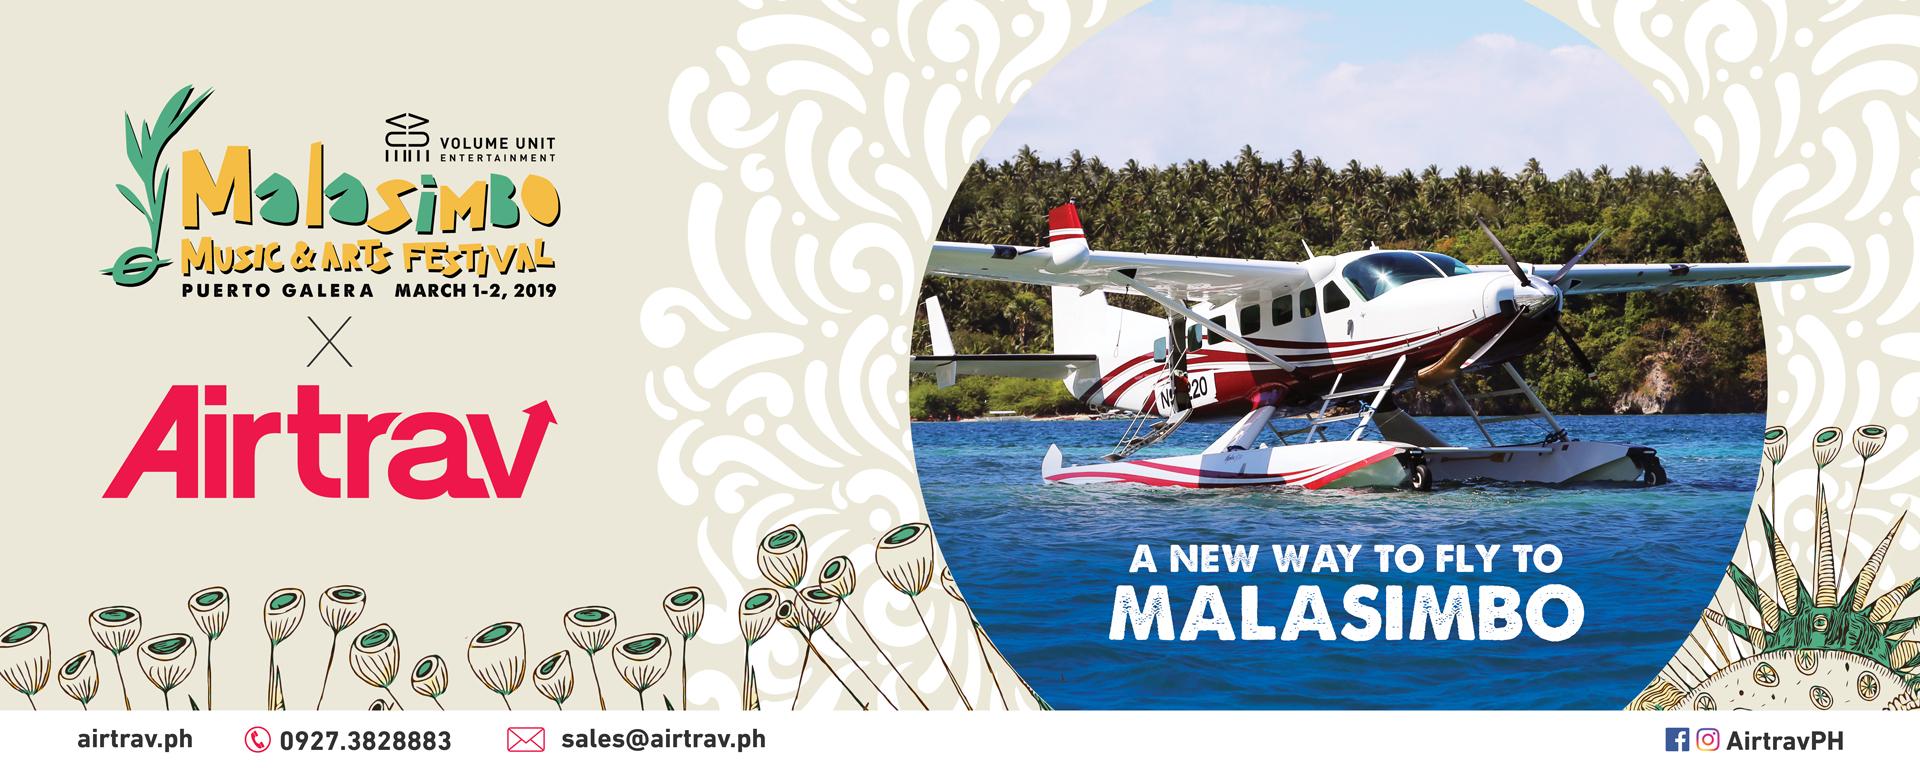 AirTrav - Malasimbo